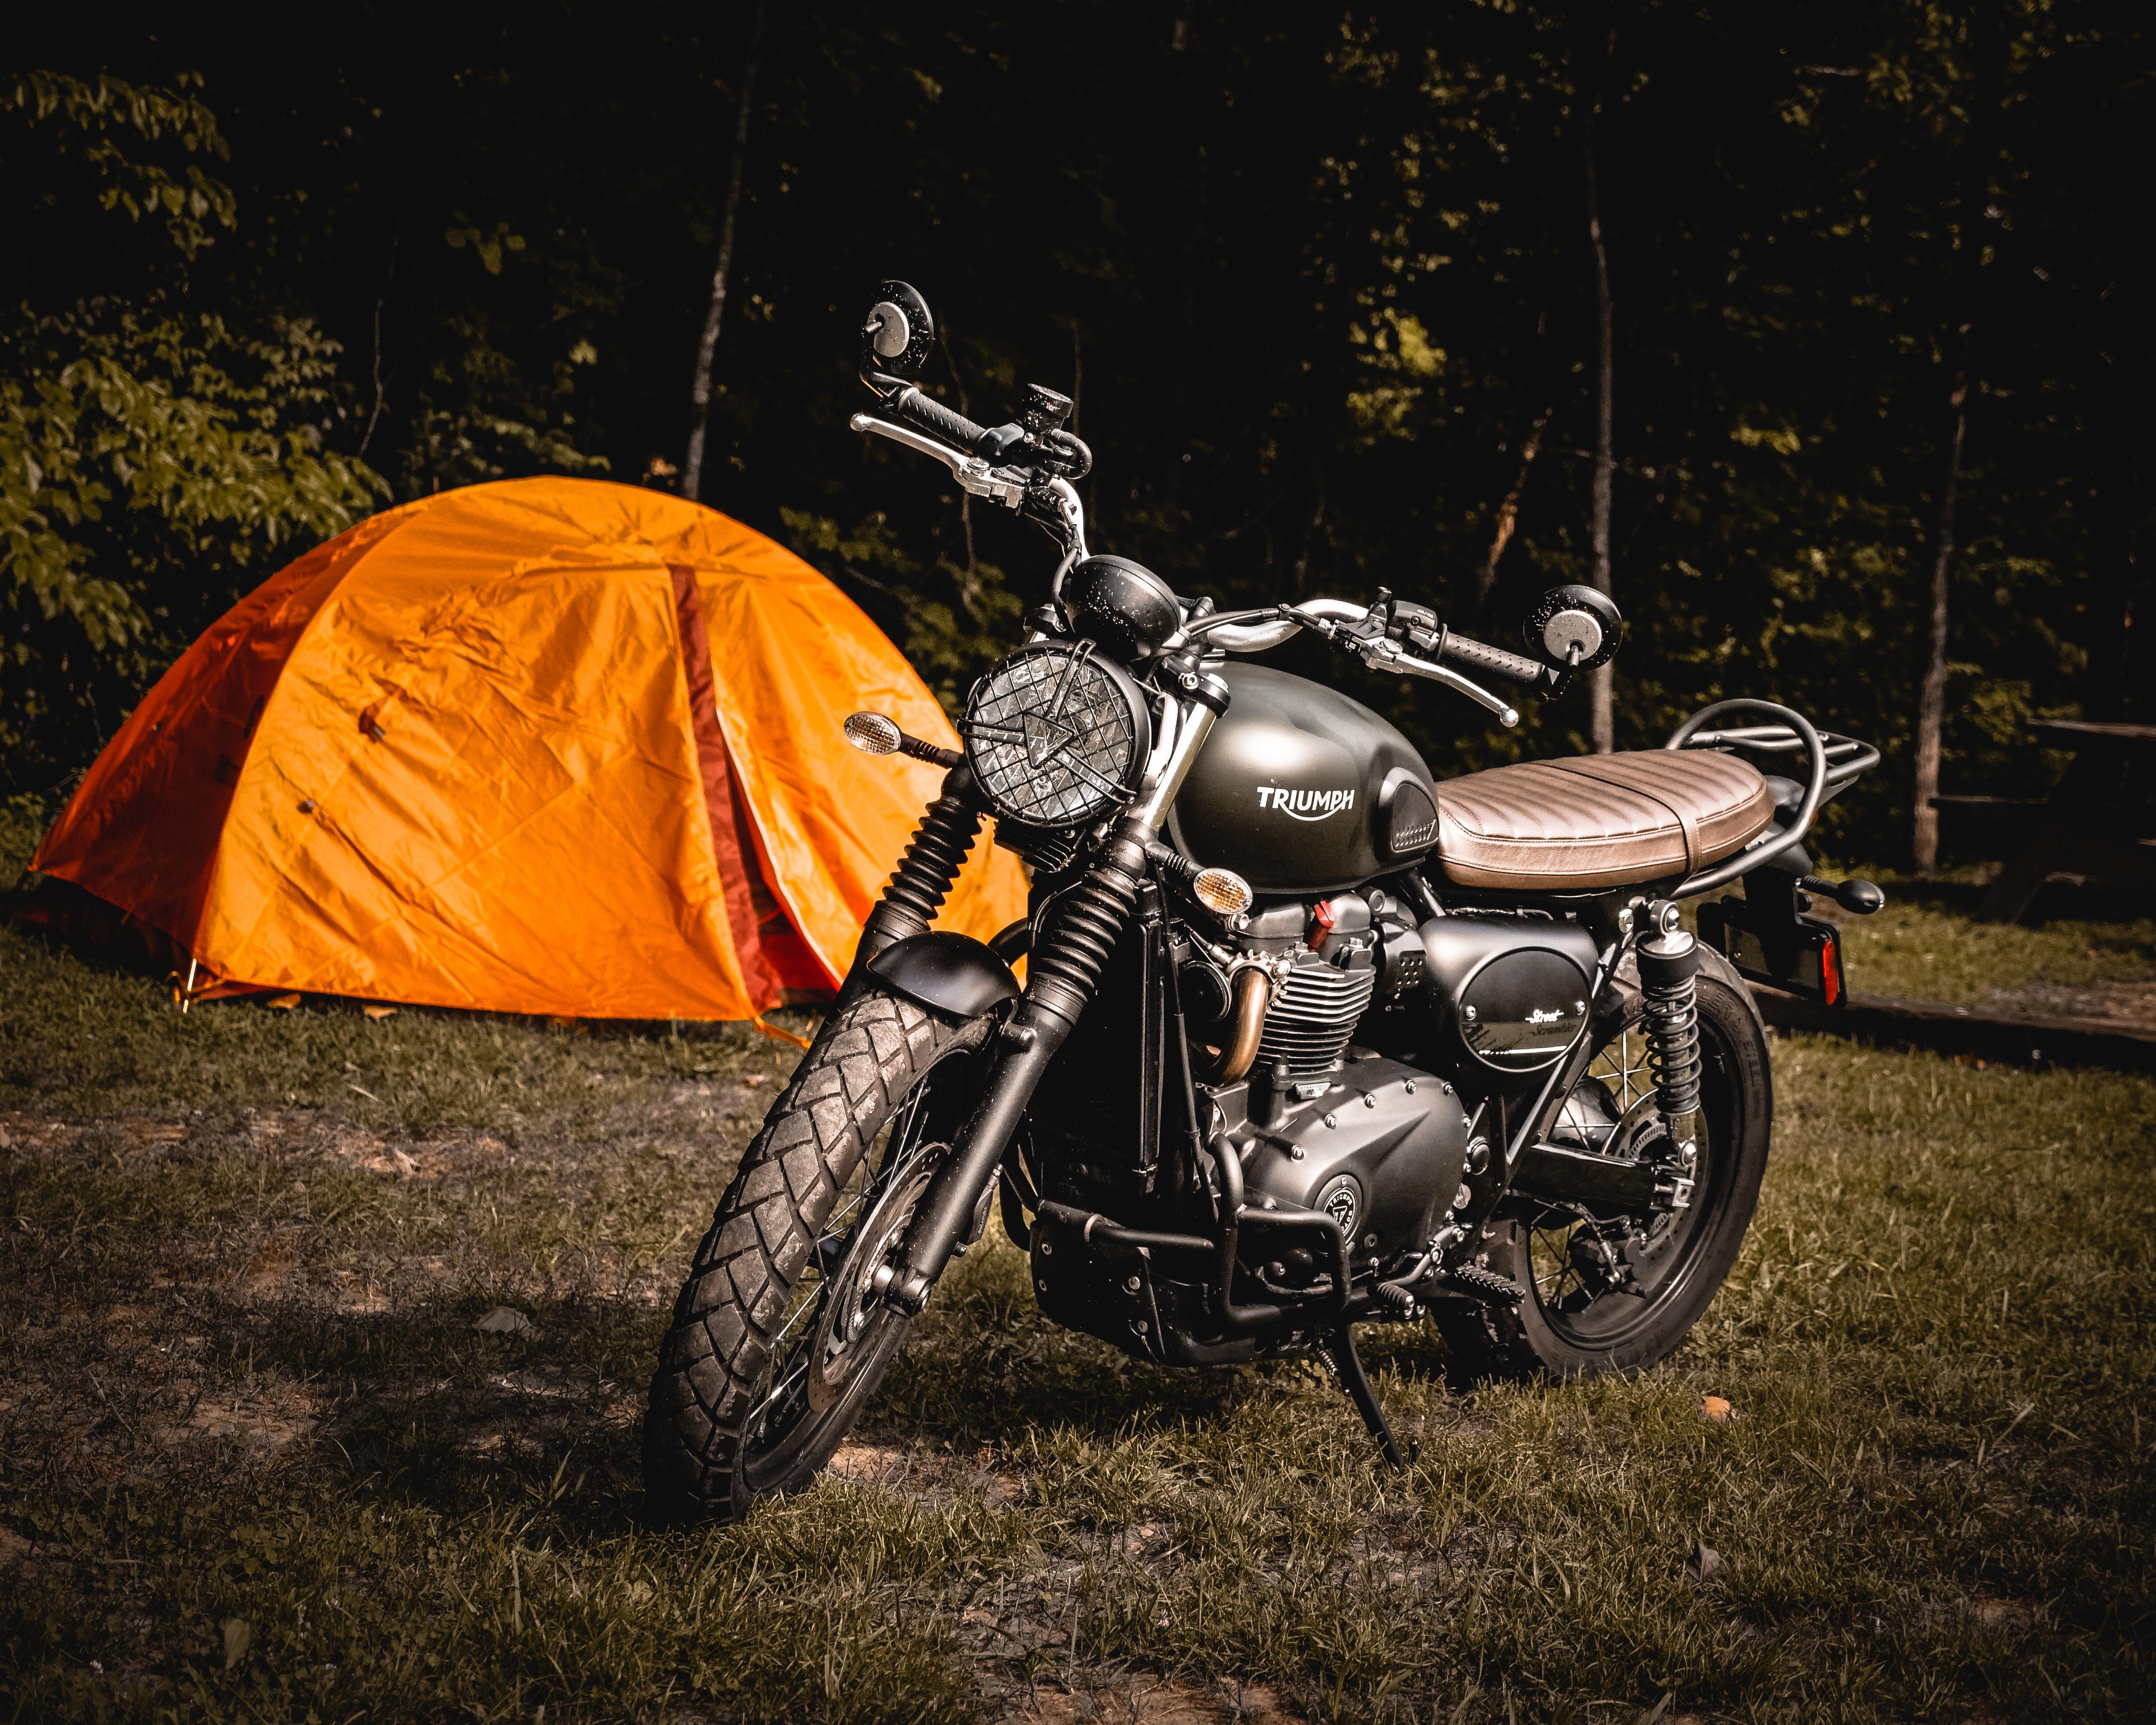 101975 Заставки и Обои Мотоциклы на телефон. Скачать Мотоциклы, Палатка, Трава, Мотоцикл картинки бесплатно